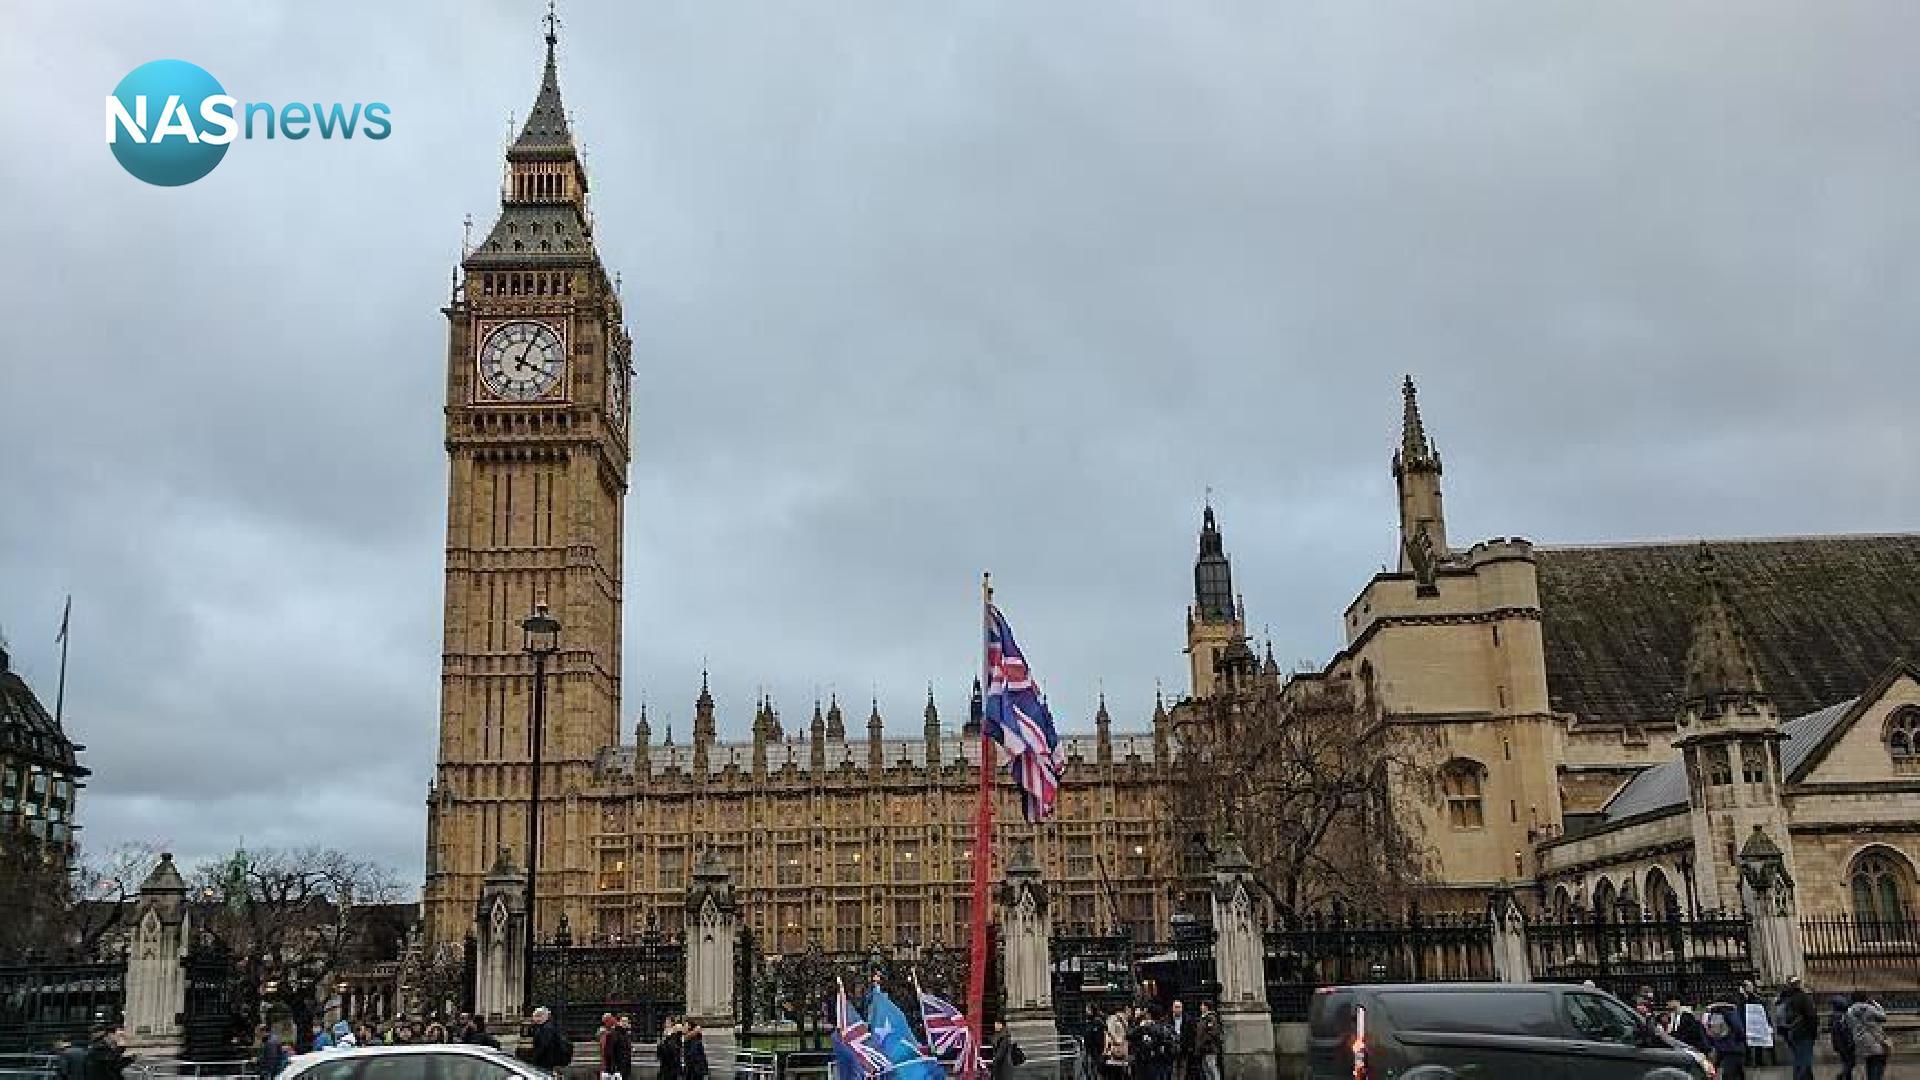 الولايات المتحدة ترحب بالعقوبات البريطانية ضد 5 أفراد 'فاسدين'